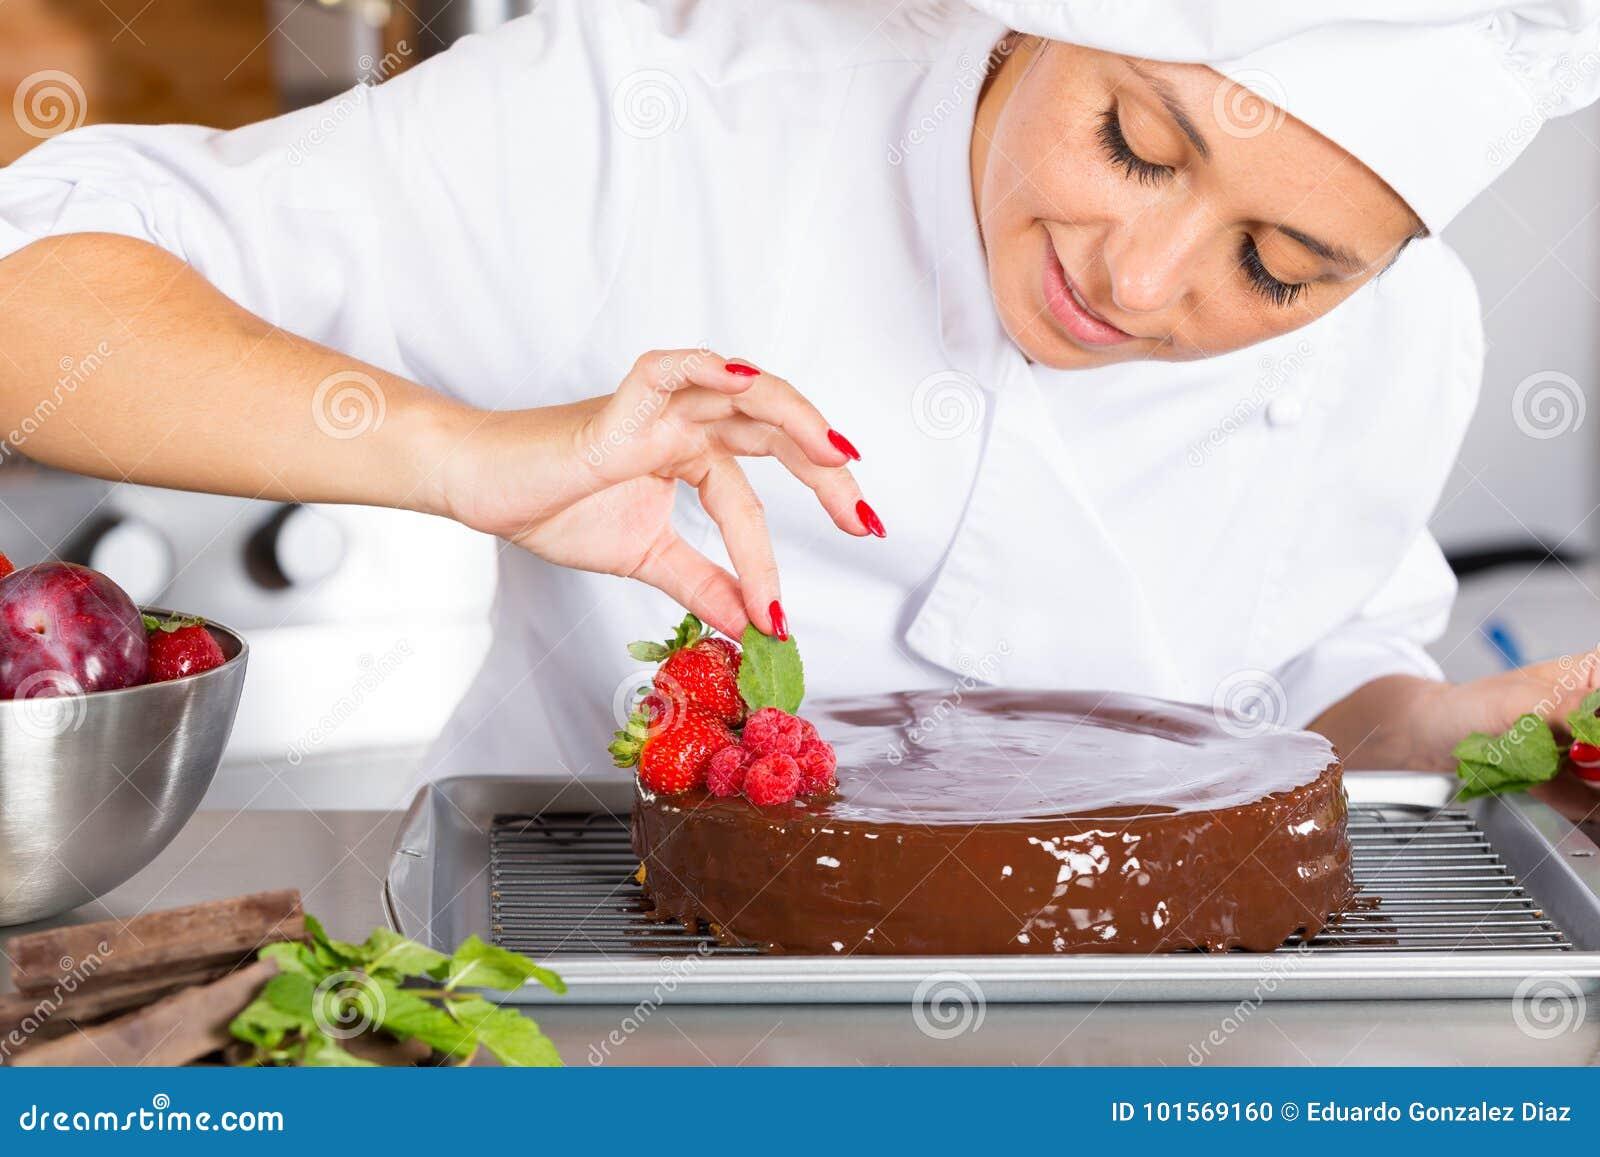 Chef de repostería en la cocina